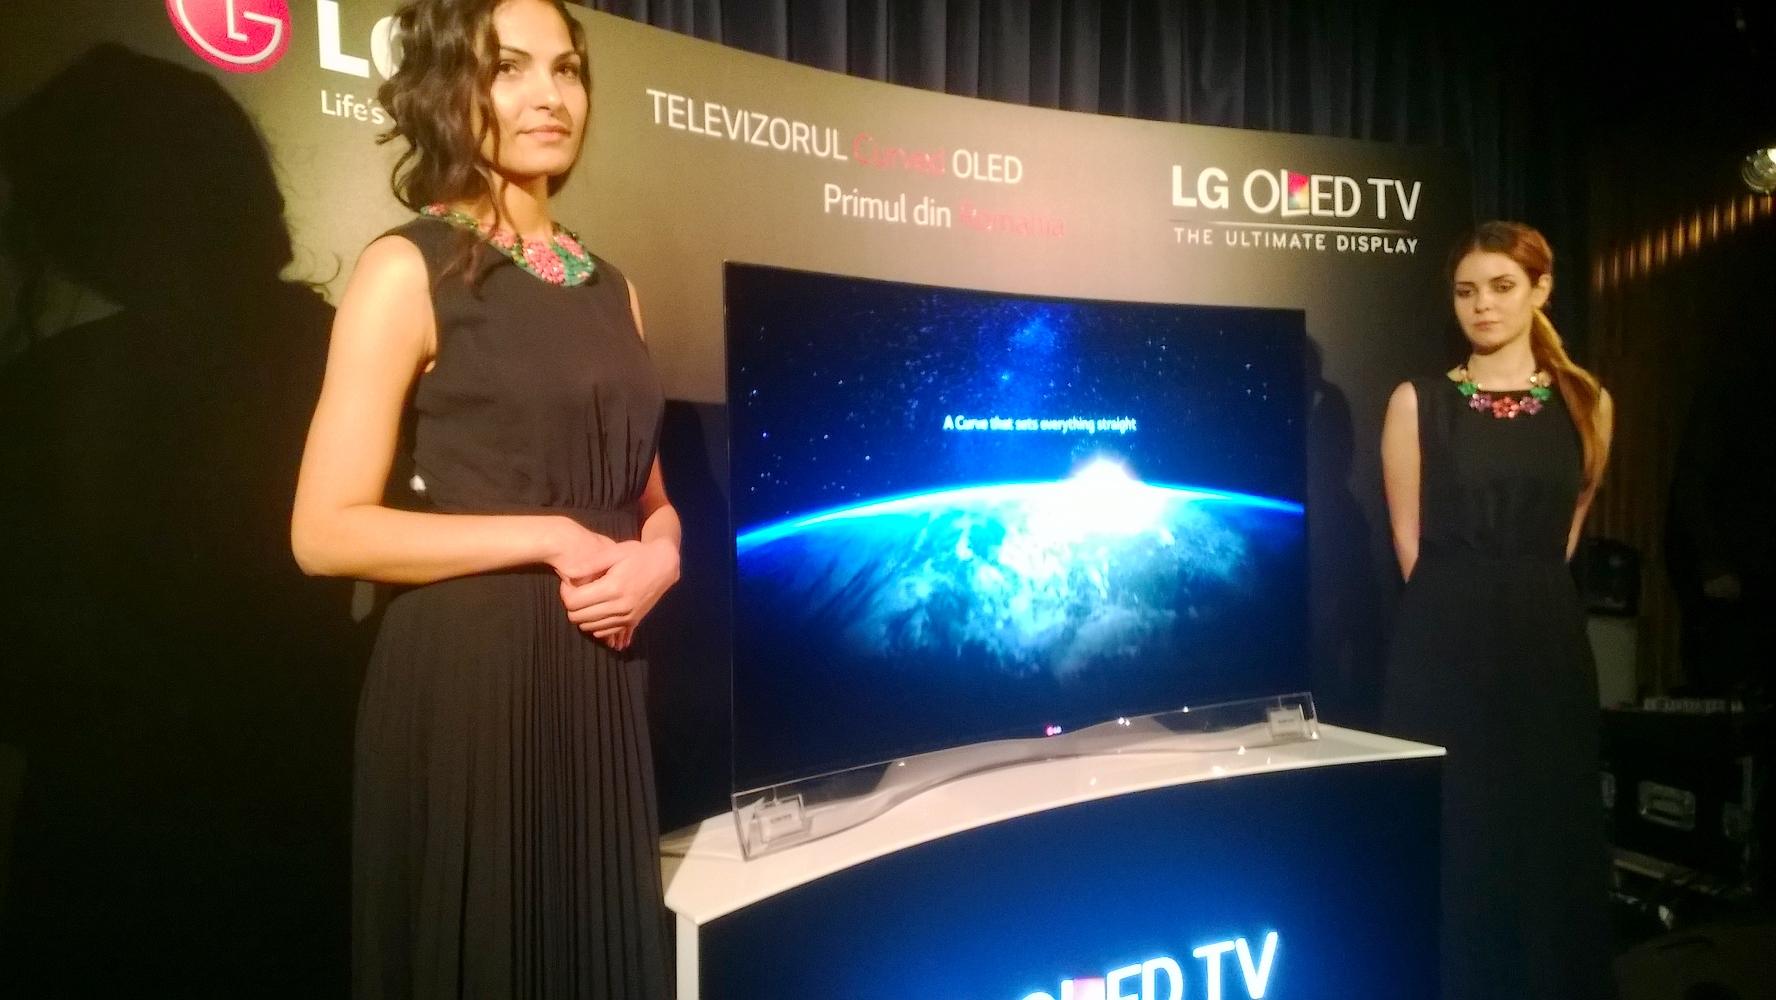 LG lansează televizorul OLED curbat și în România